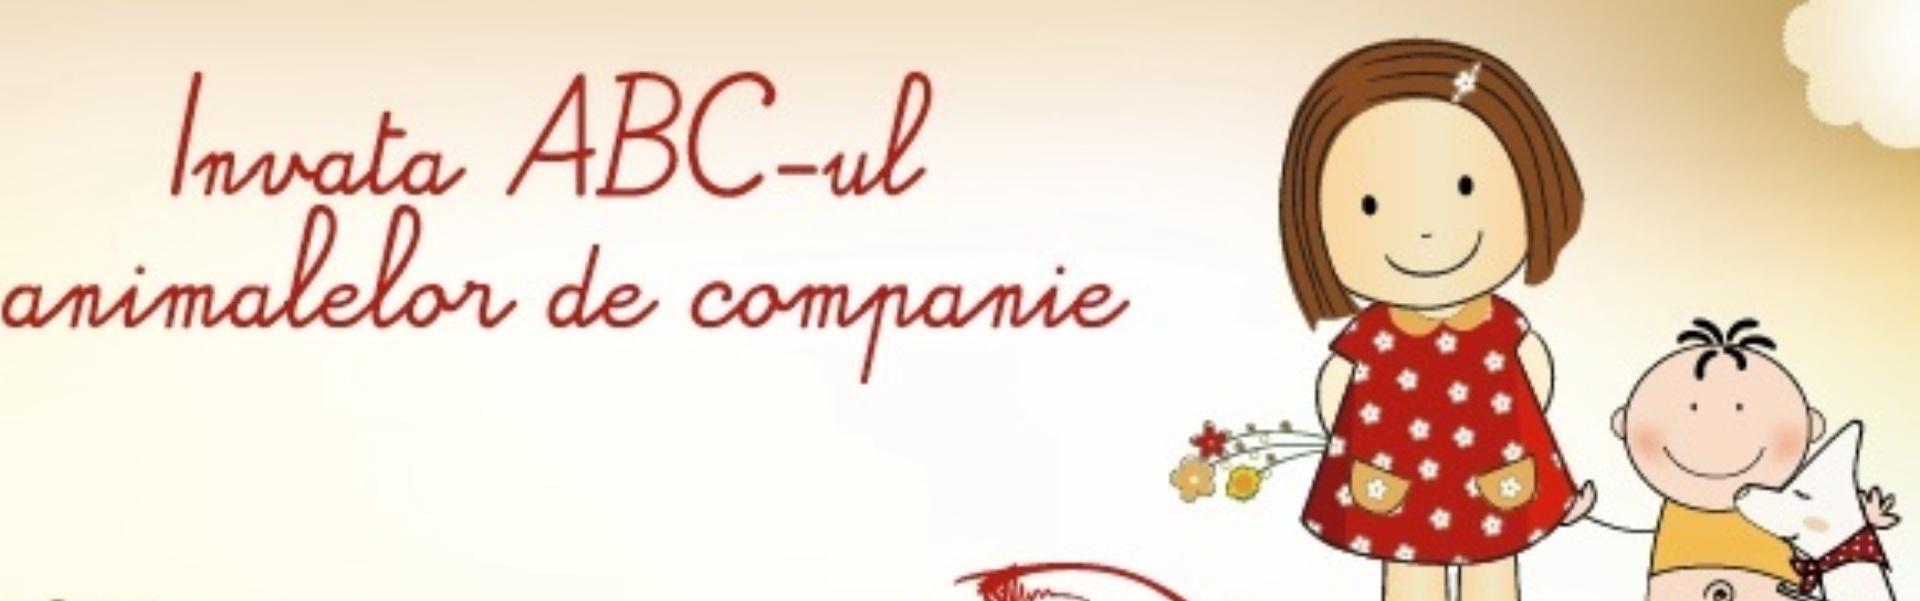 ABC-ul îngrijirii animalelor de companie, un proiect despre animale, iubit de copii